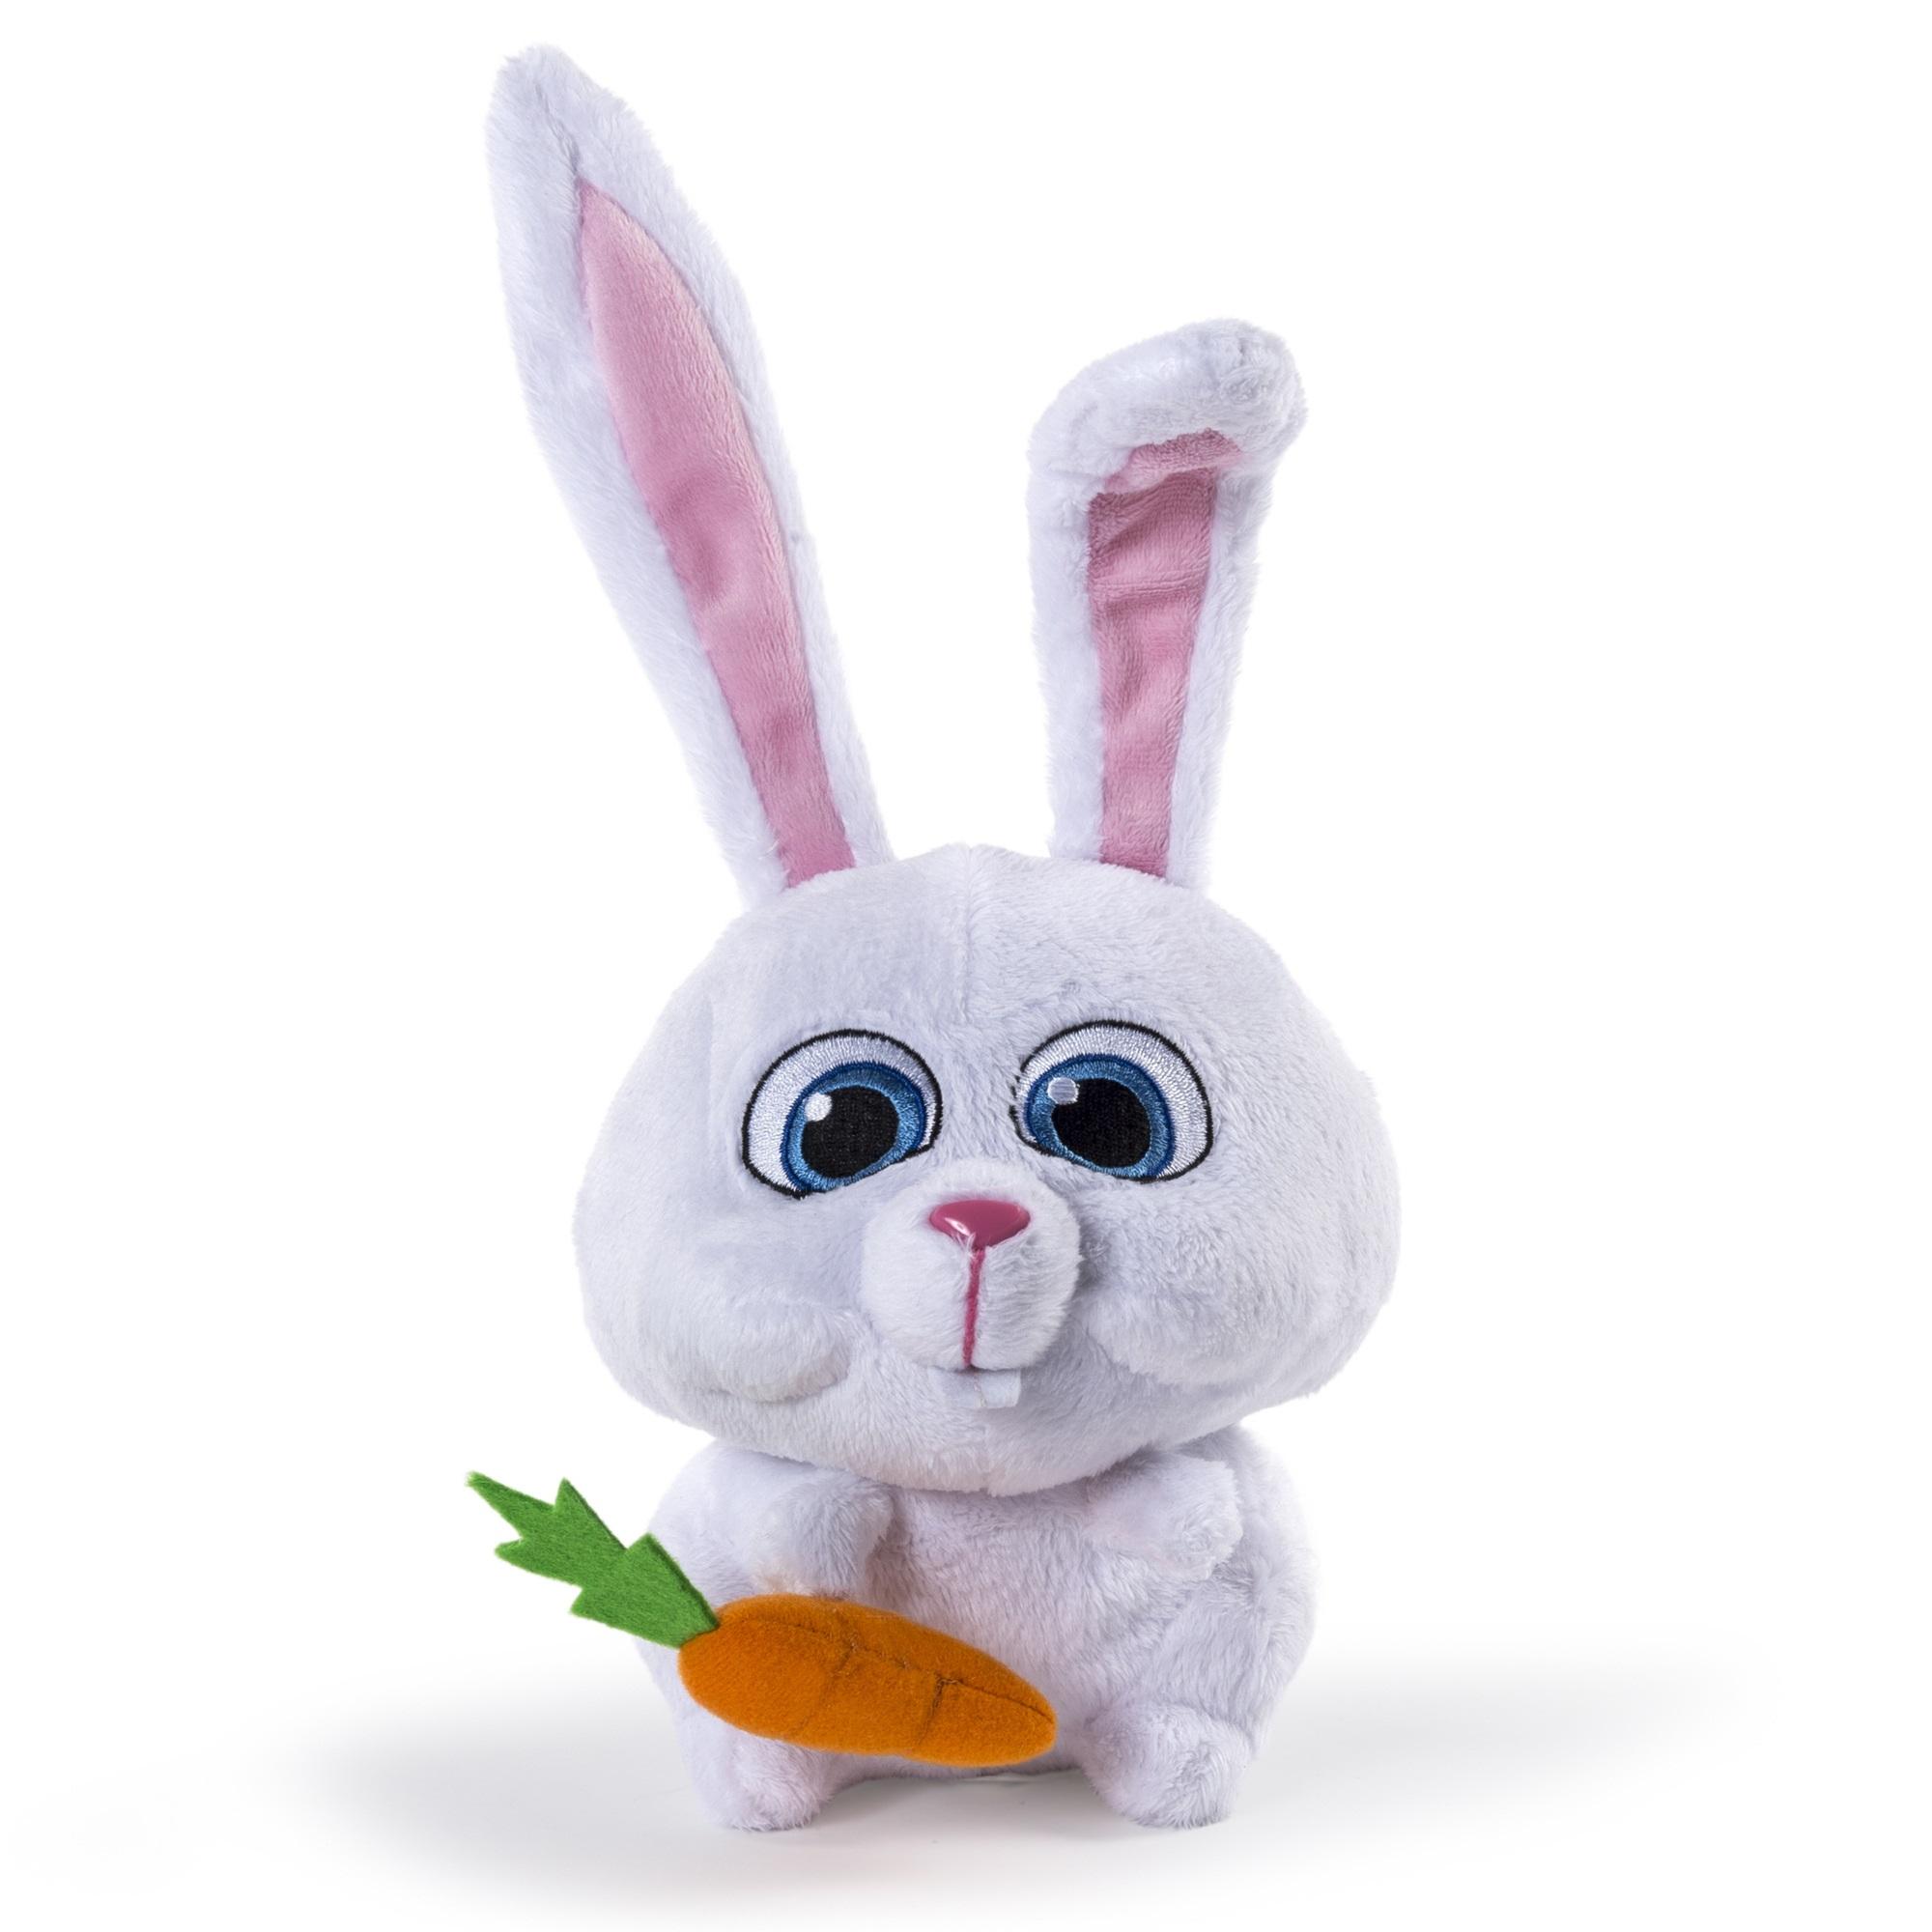 Мягкая игрушка Тайная жизнь домашних животных (Secret Life Of Pets). Кролик Снежок с морковкой (15 см)Представляем вашему вниманию мягкую игрушку Тайная жизнь домашних животных (Secret Life Of Pets). Кролик Снежок с морковкой, воплощающую собой одного из персонажей мультфильма «Тайная жизнь домашних животных».<br>